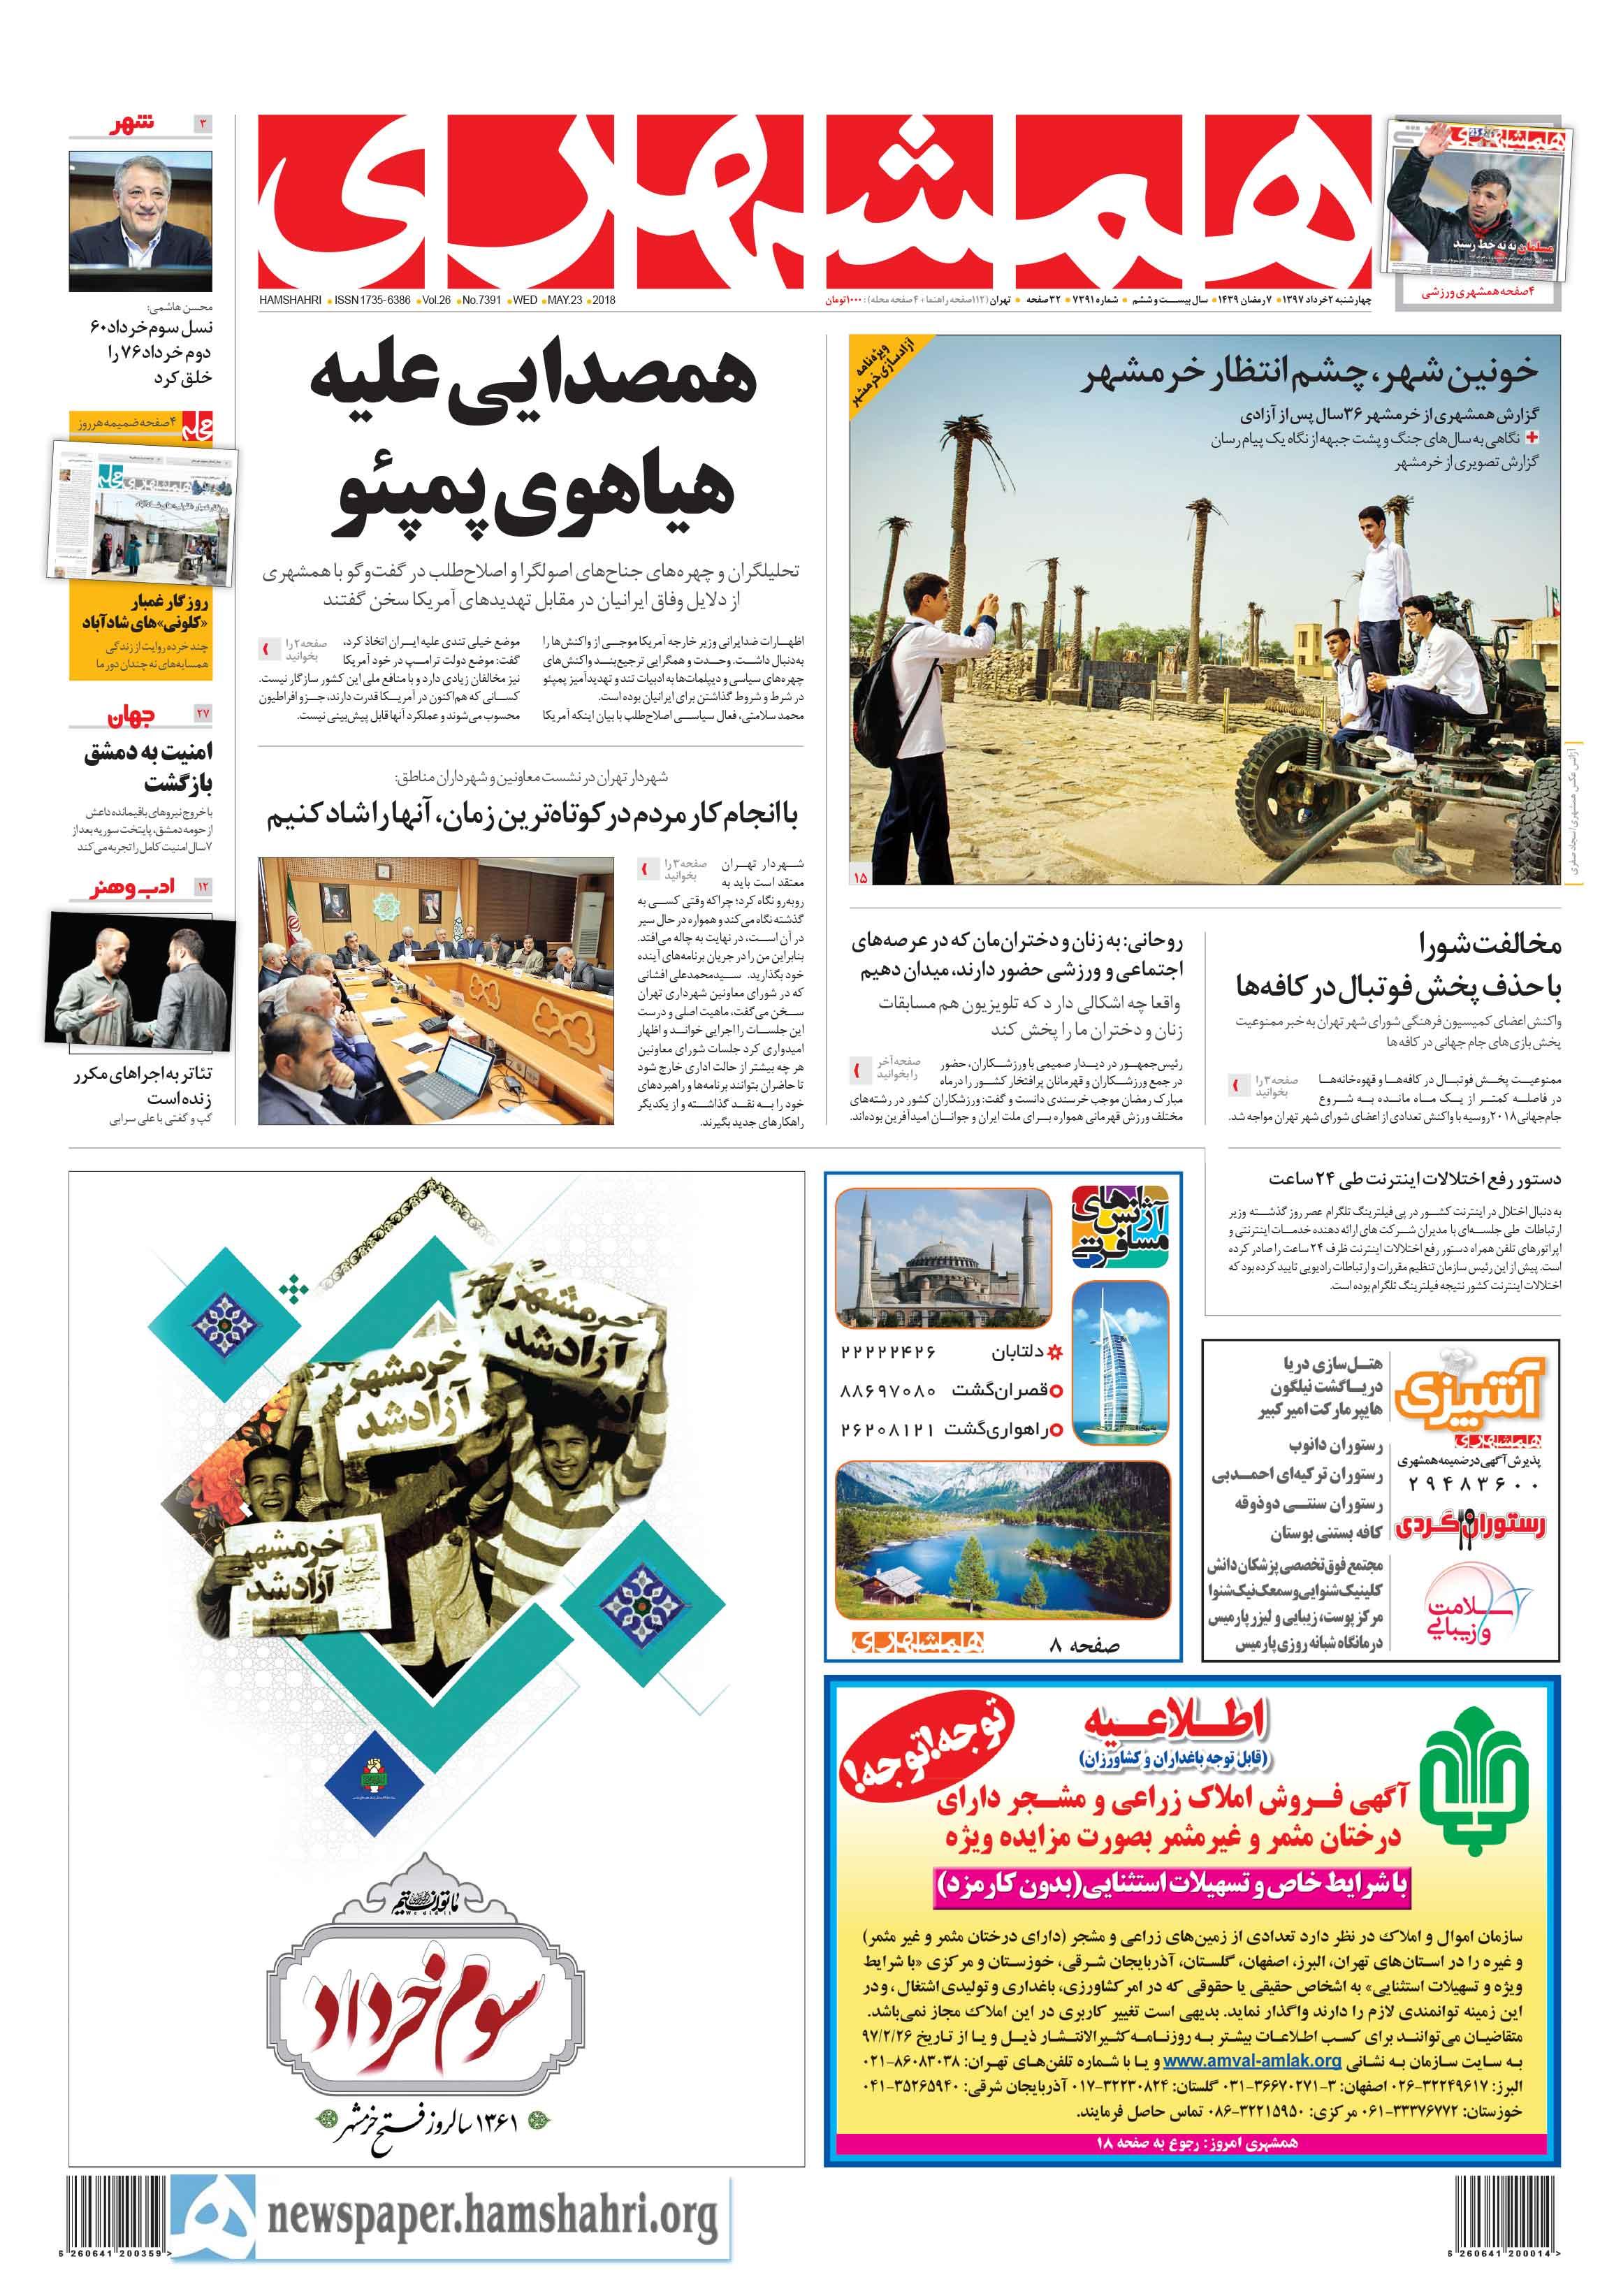 صفحه اول چهارشنبه 2 خرداد 1397